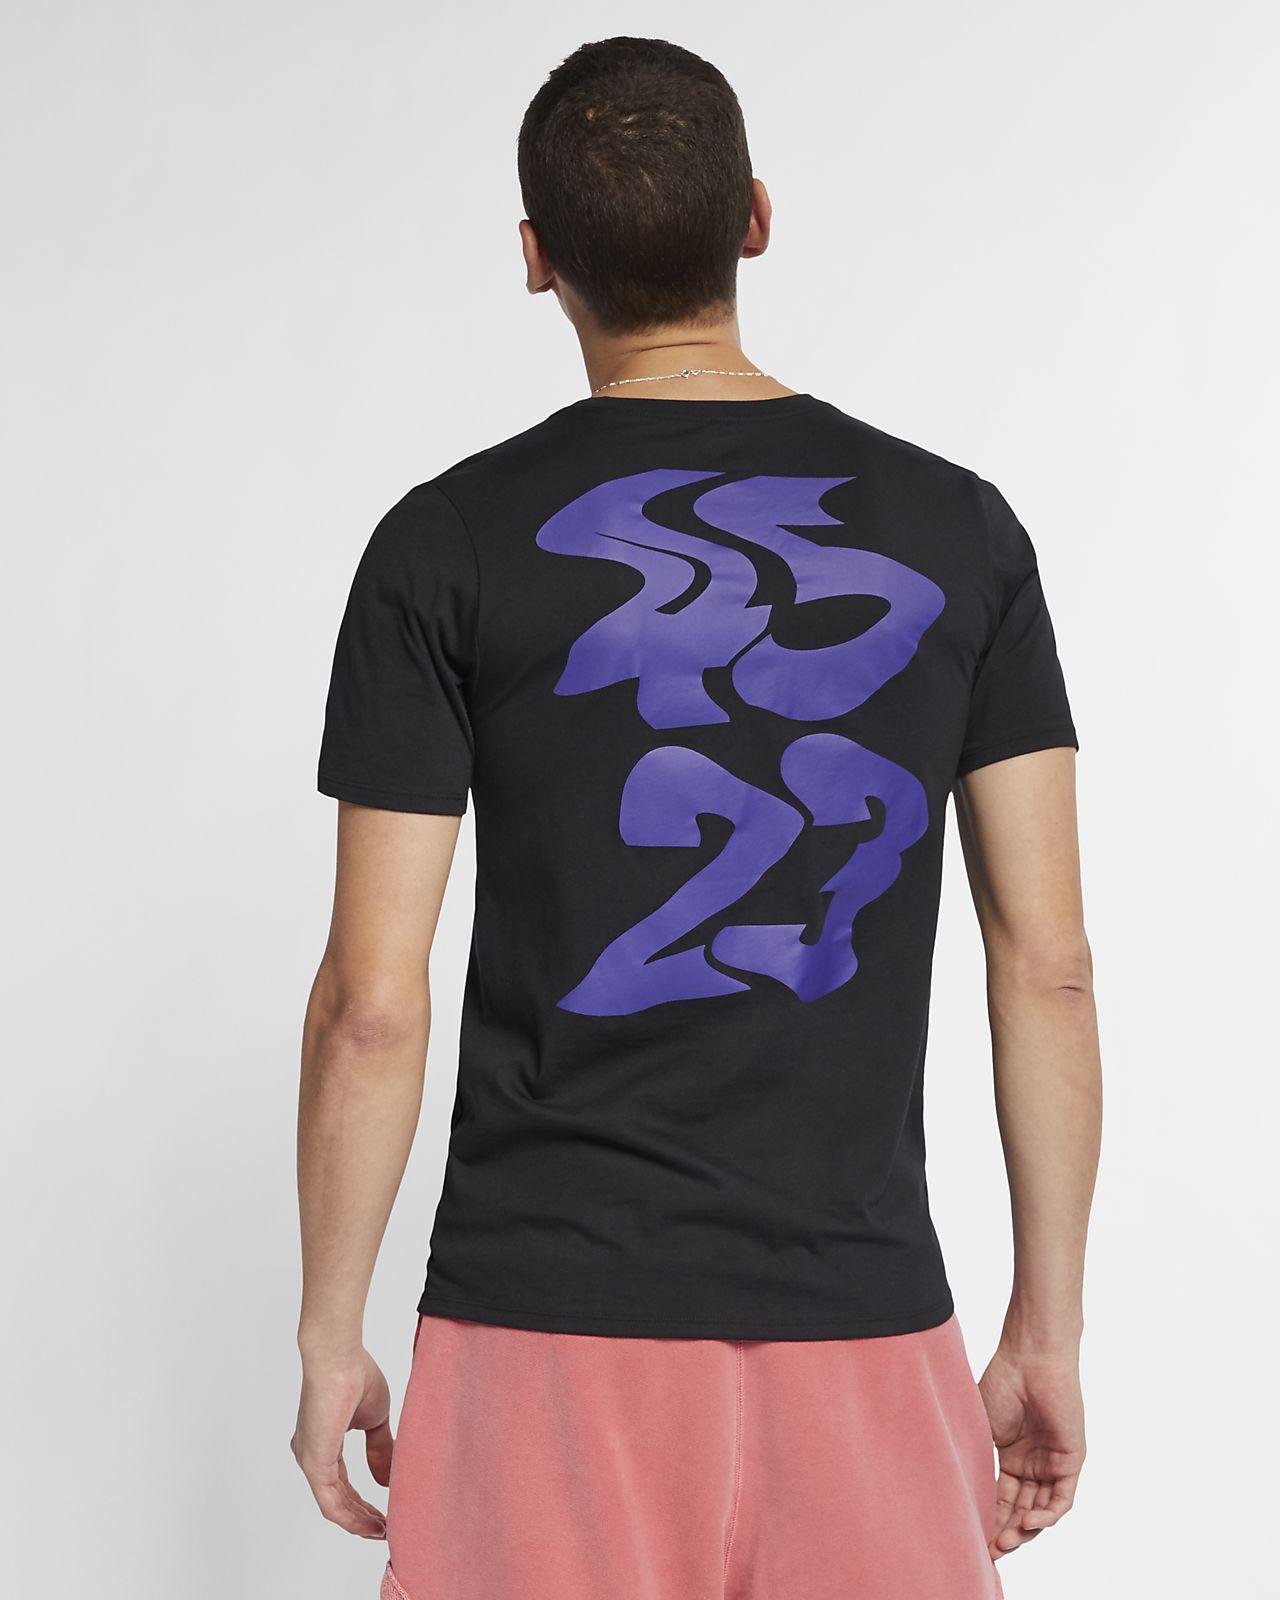 reputable site 223ba dde17 ... Jordan Sportswear Legacy AJ 11 Men s T-Shirt